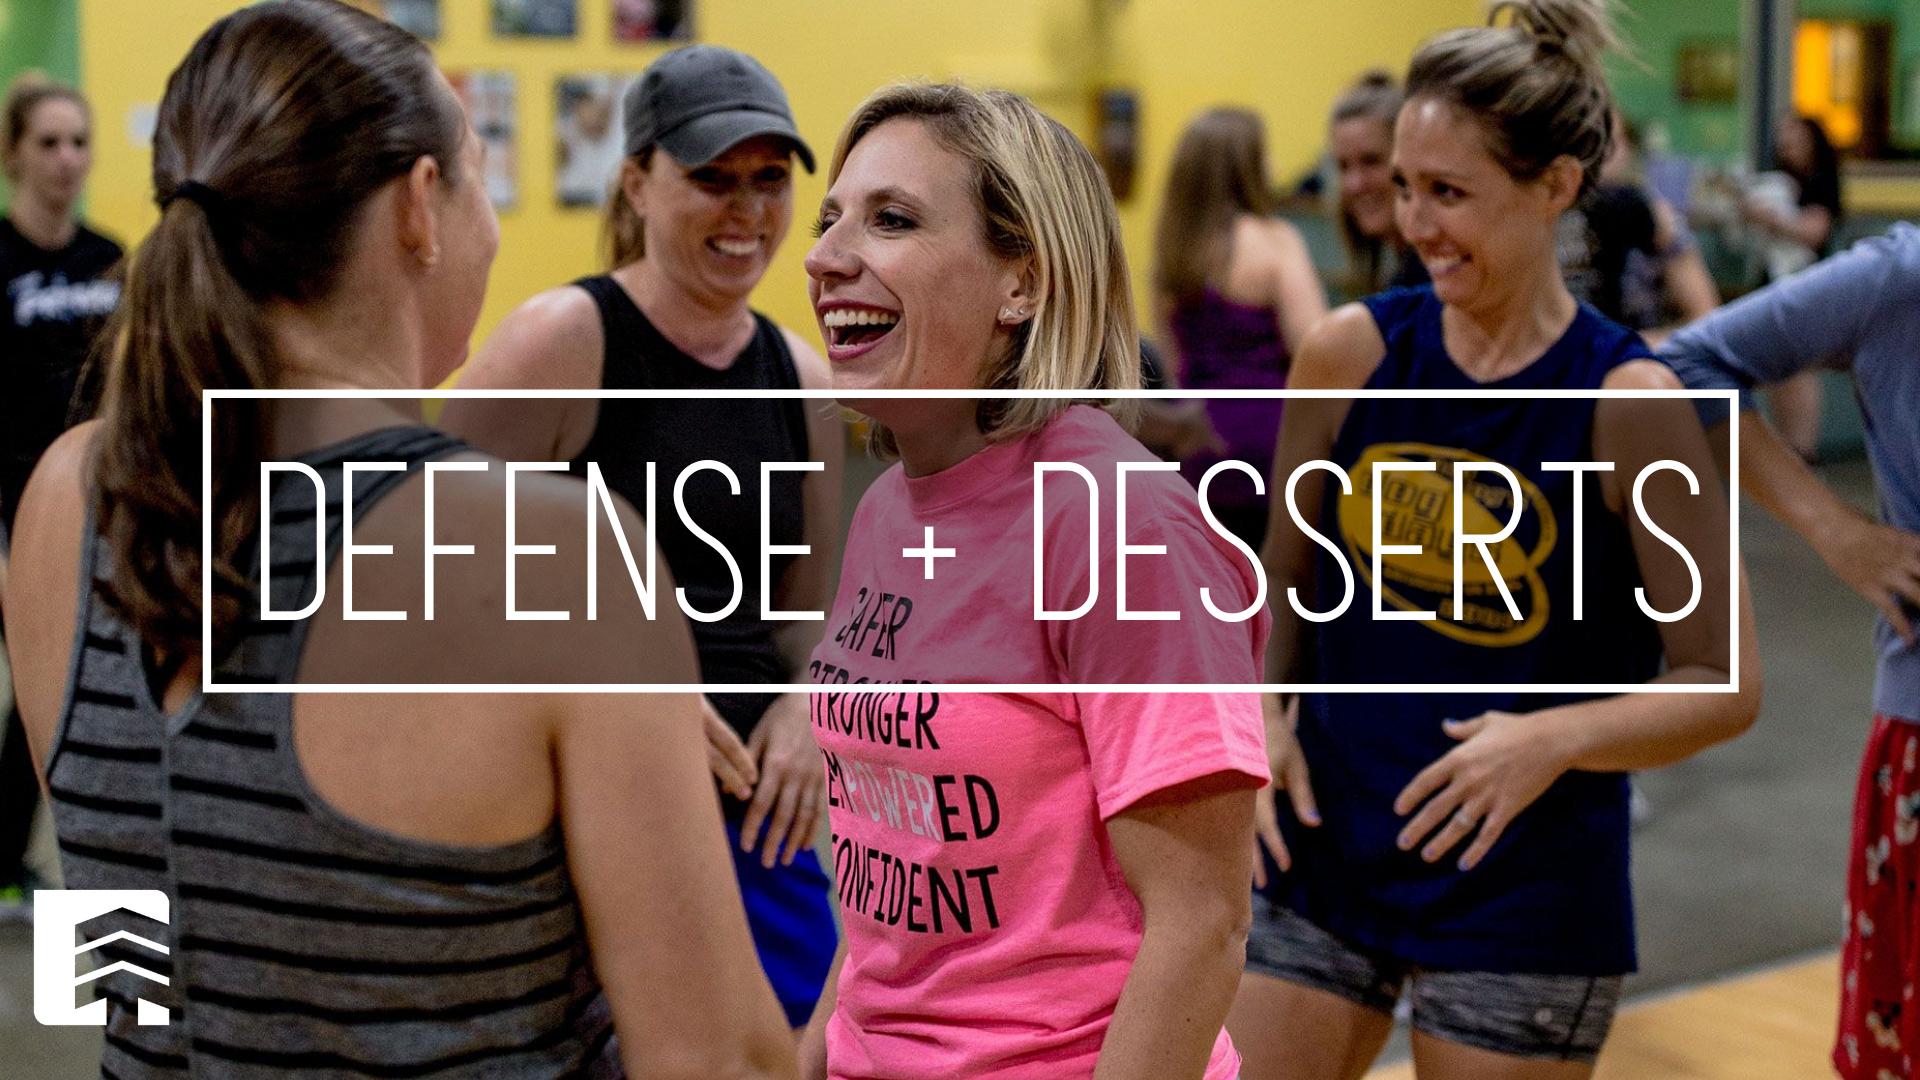 DEFENSE + DESSERTS! (1).png